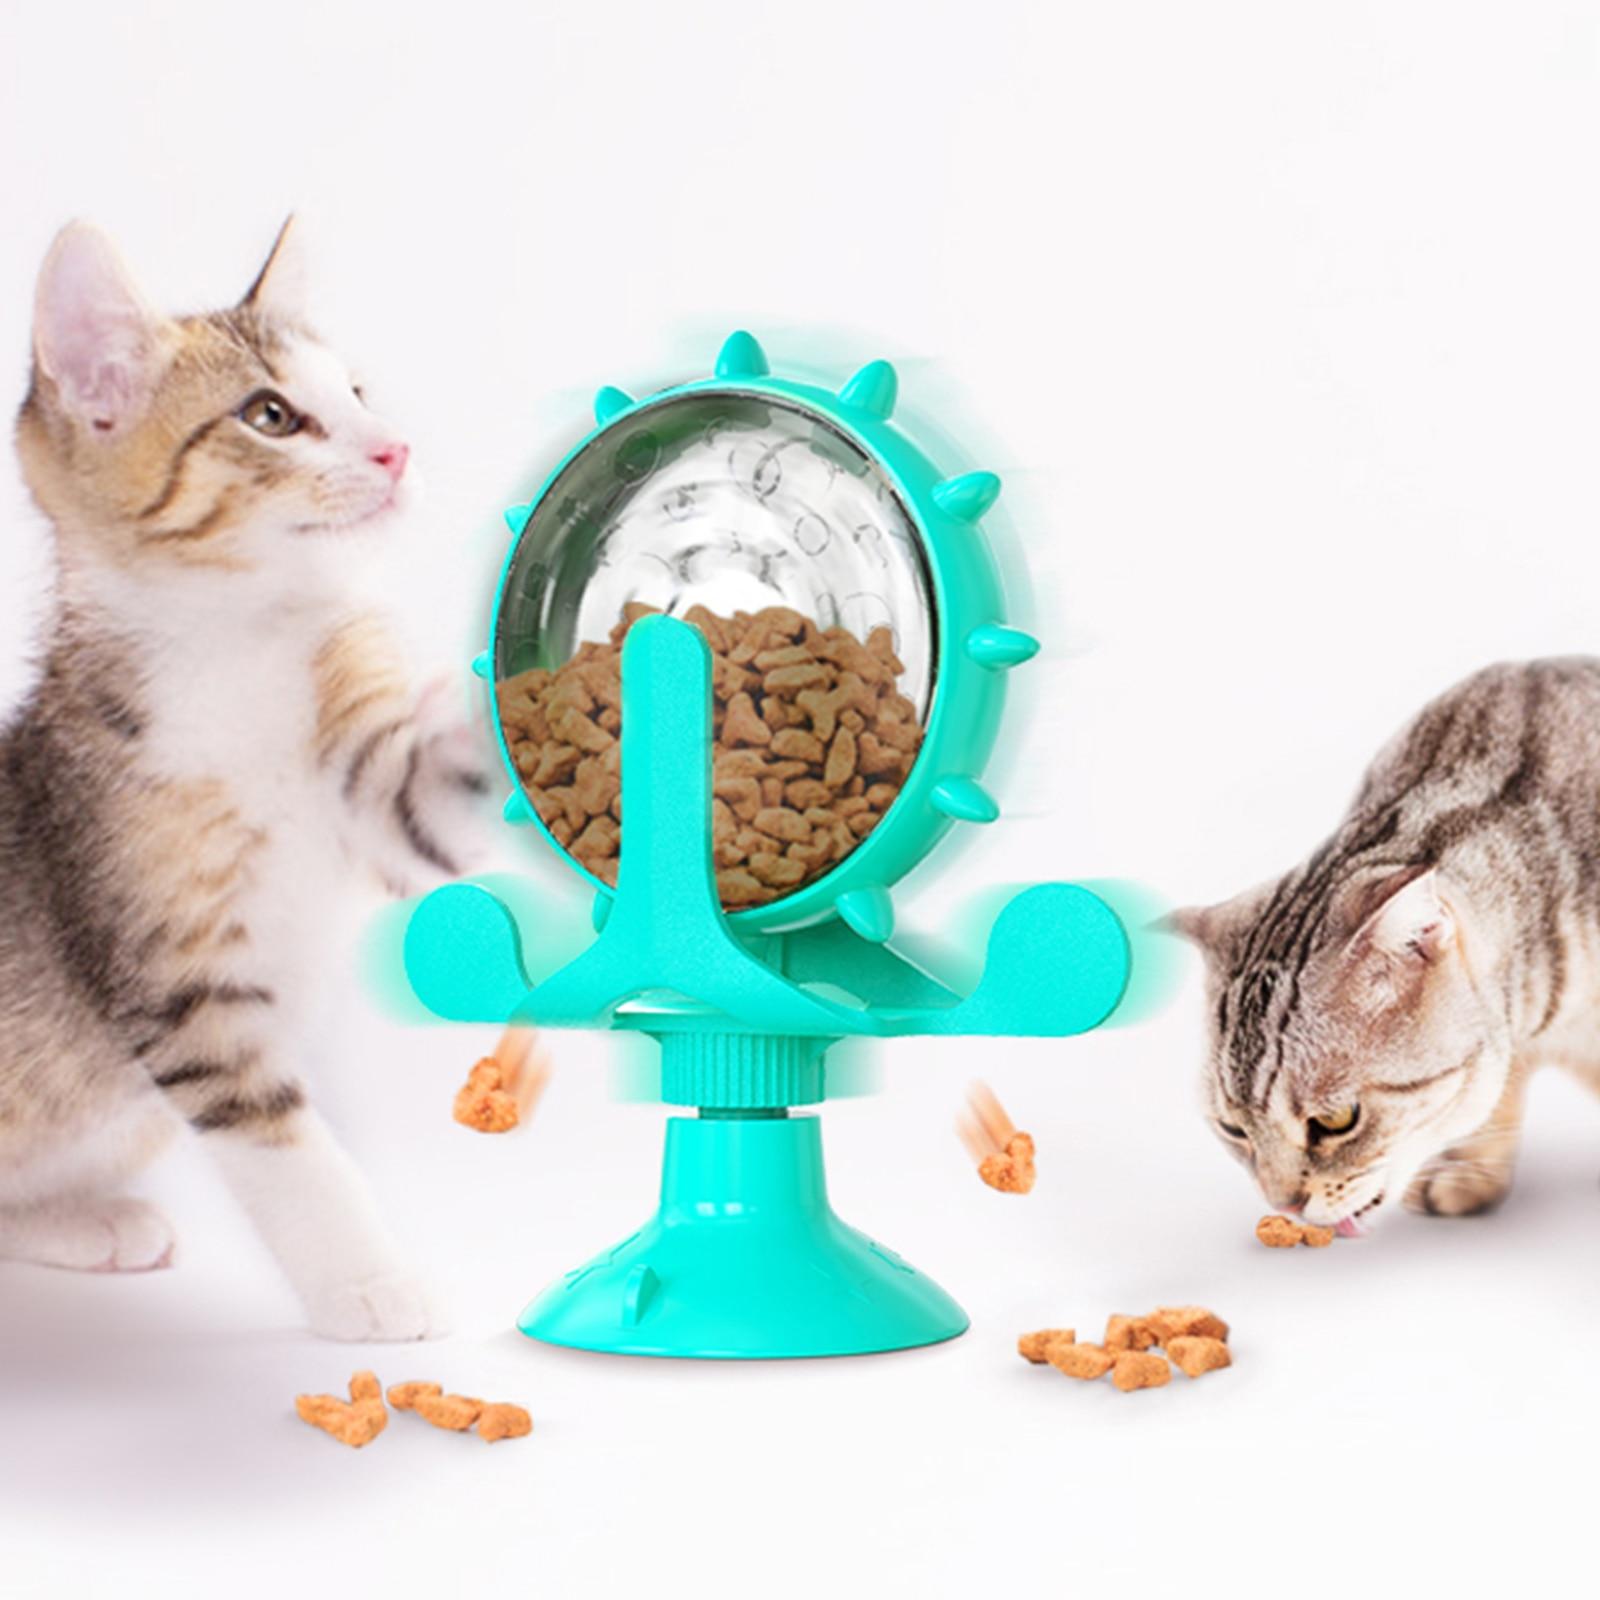 Jouet Original pour chat, roue rotative Interactive qui fuit, accessoire pour animaux de compagnie, chaton, chien